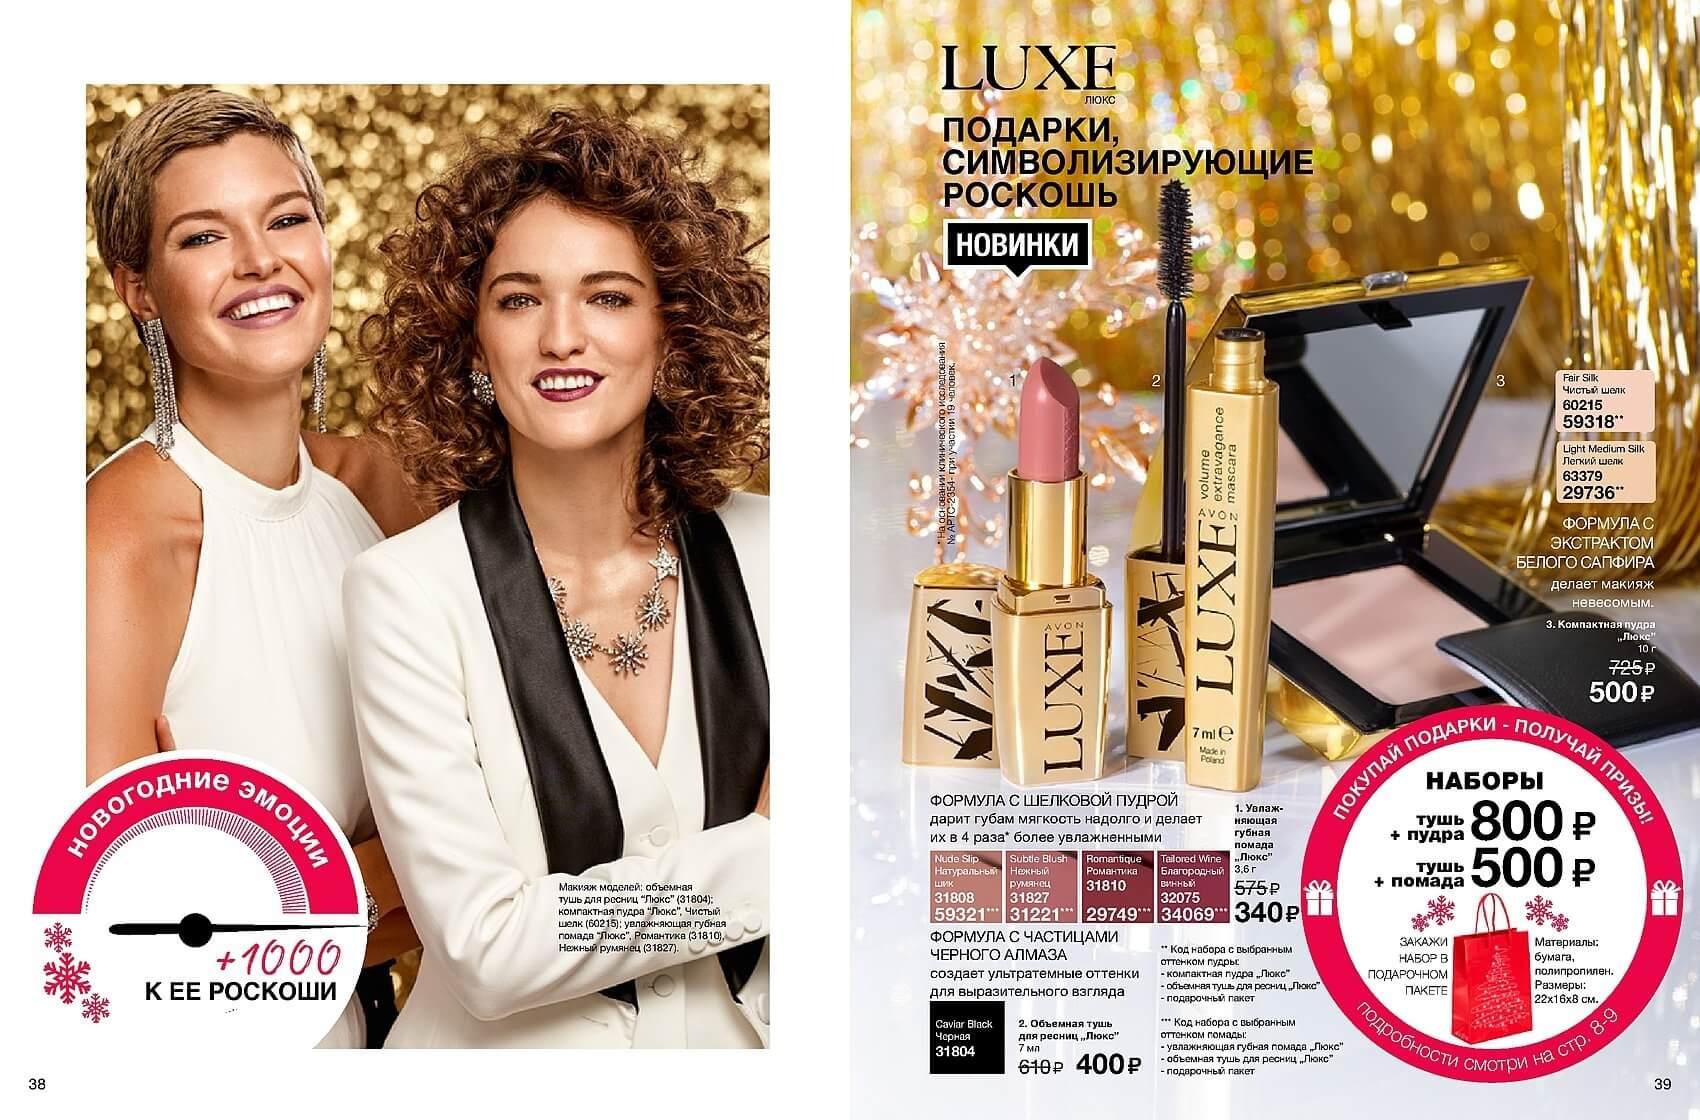 Авон официальный сайт 17 каталог купить дешево косметику essence